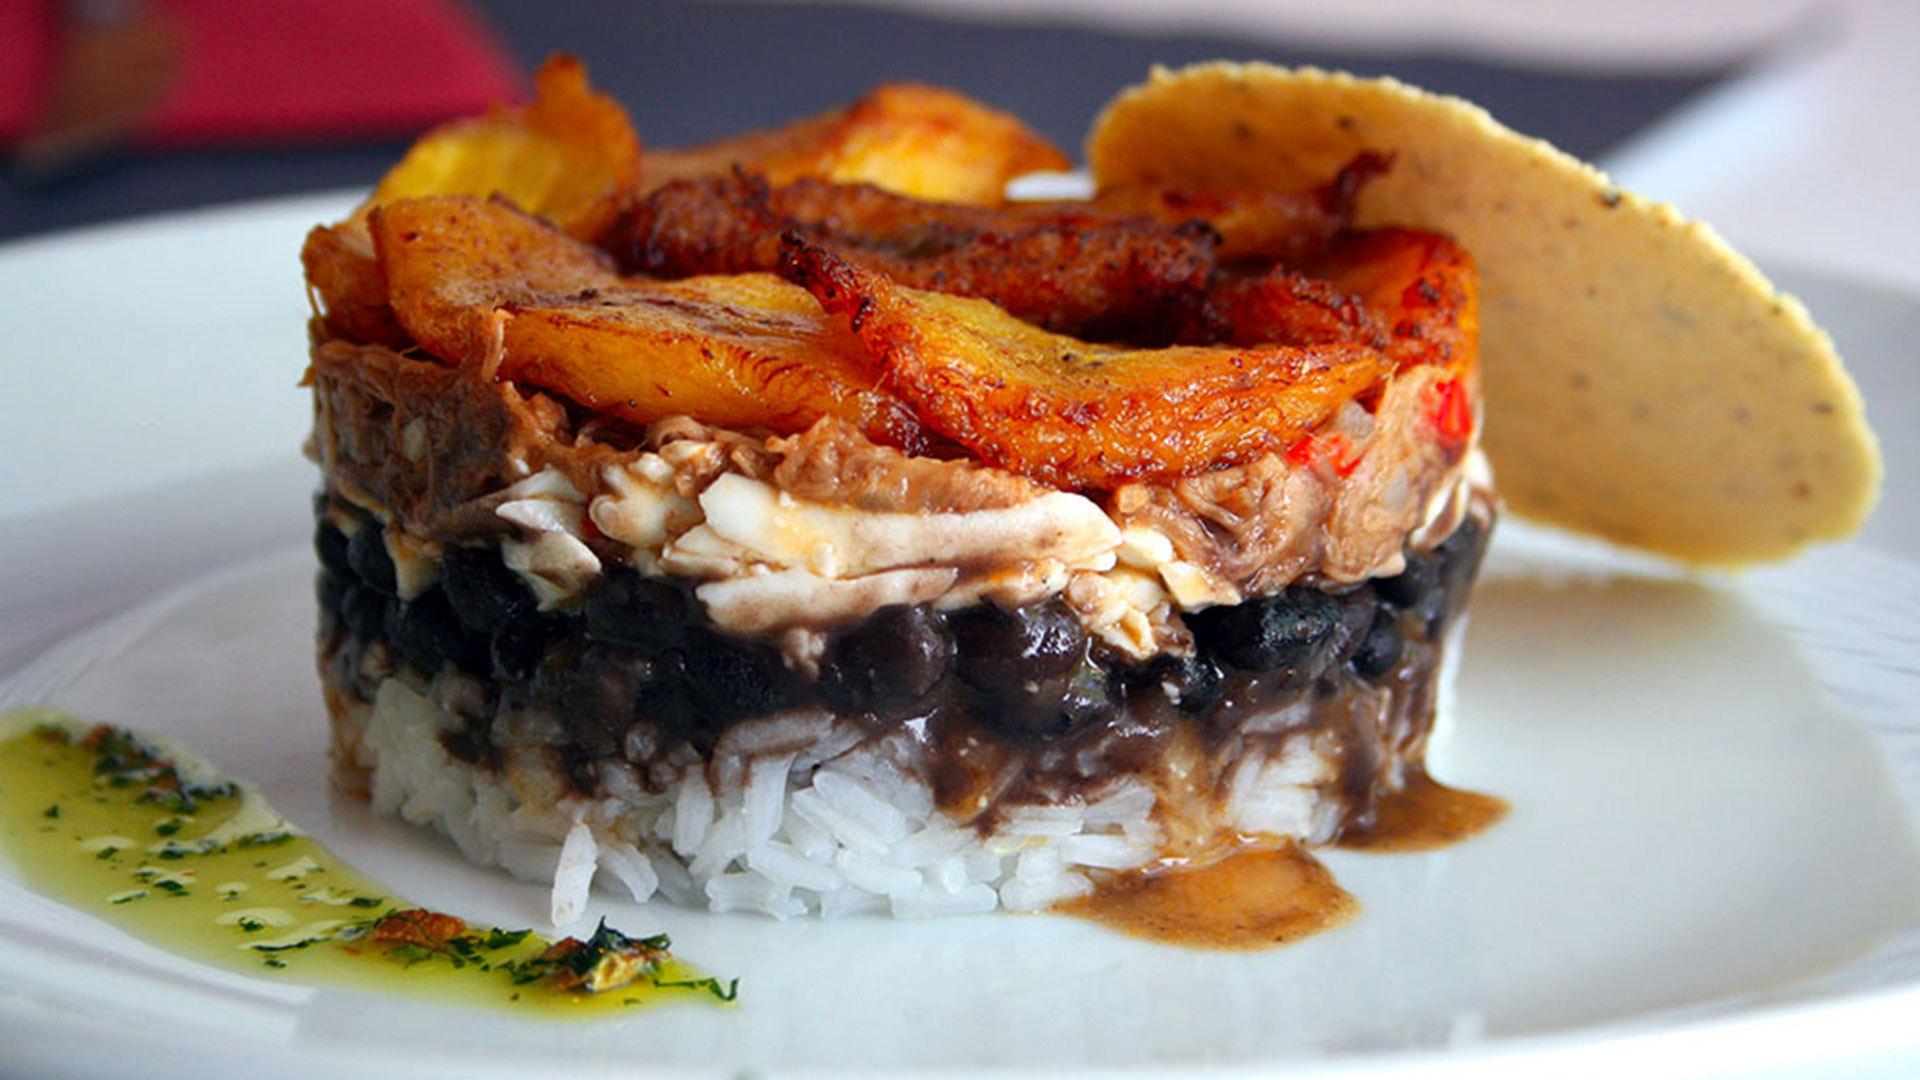 Las delicias de nuestra tierra traspasan fronteras, muchos son los venezolanos que forman sus restaurantes y dan sabor criollo a millones de paladares